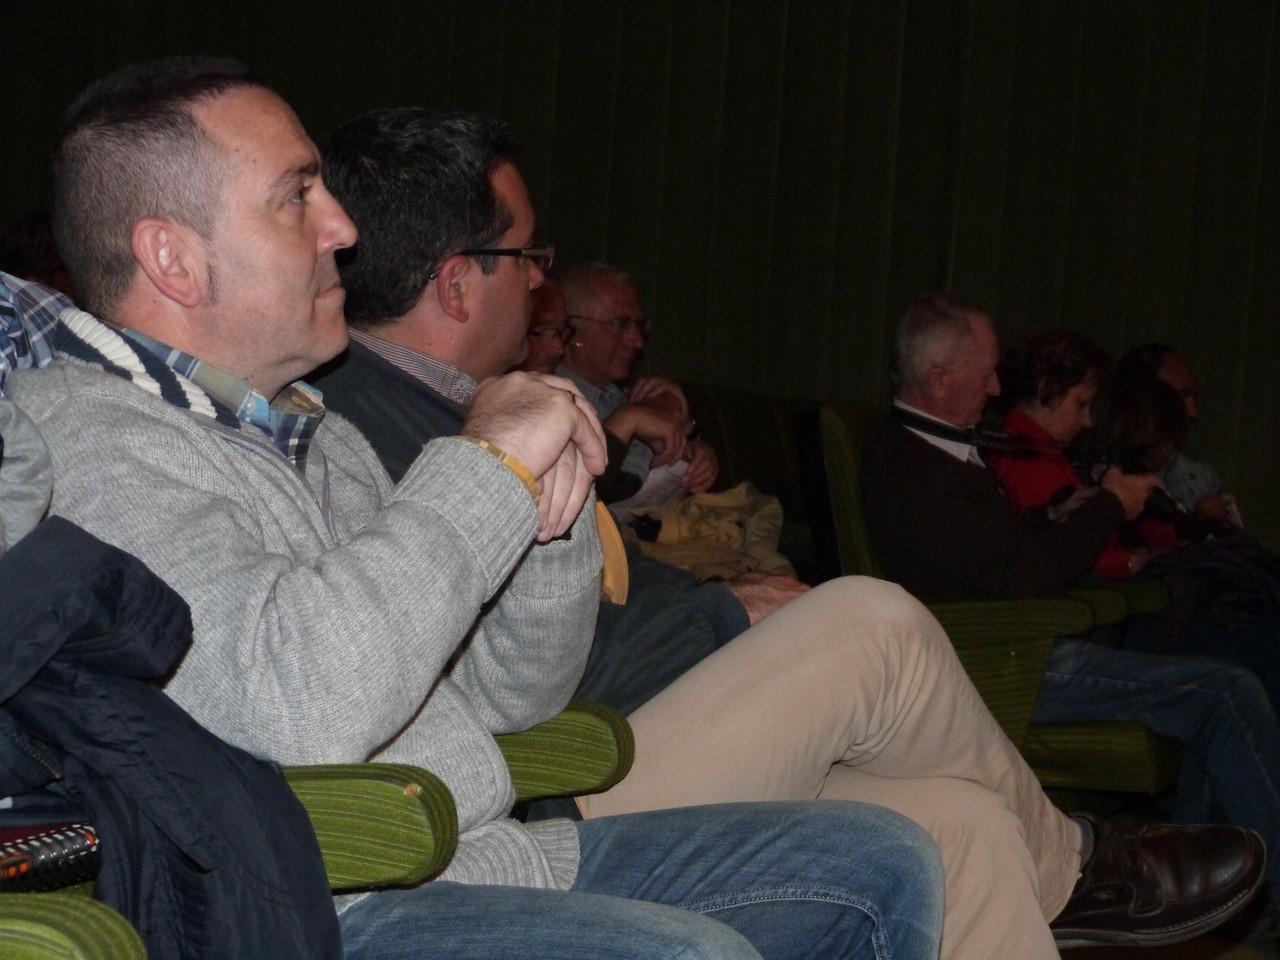 En présence de M le Maire José Juan Fernandez (2nd plan) et de l'adjoint à la culture Julio Martinez (au 1er plan)